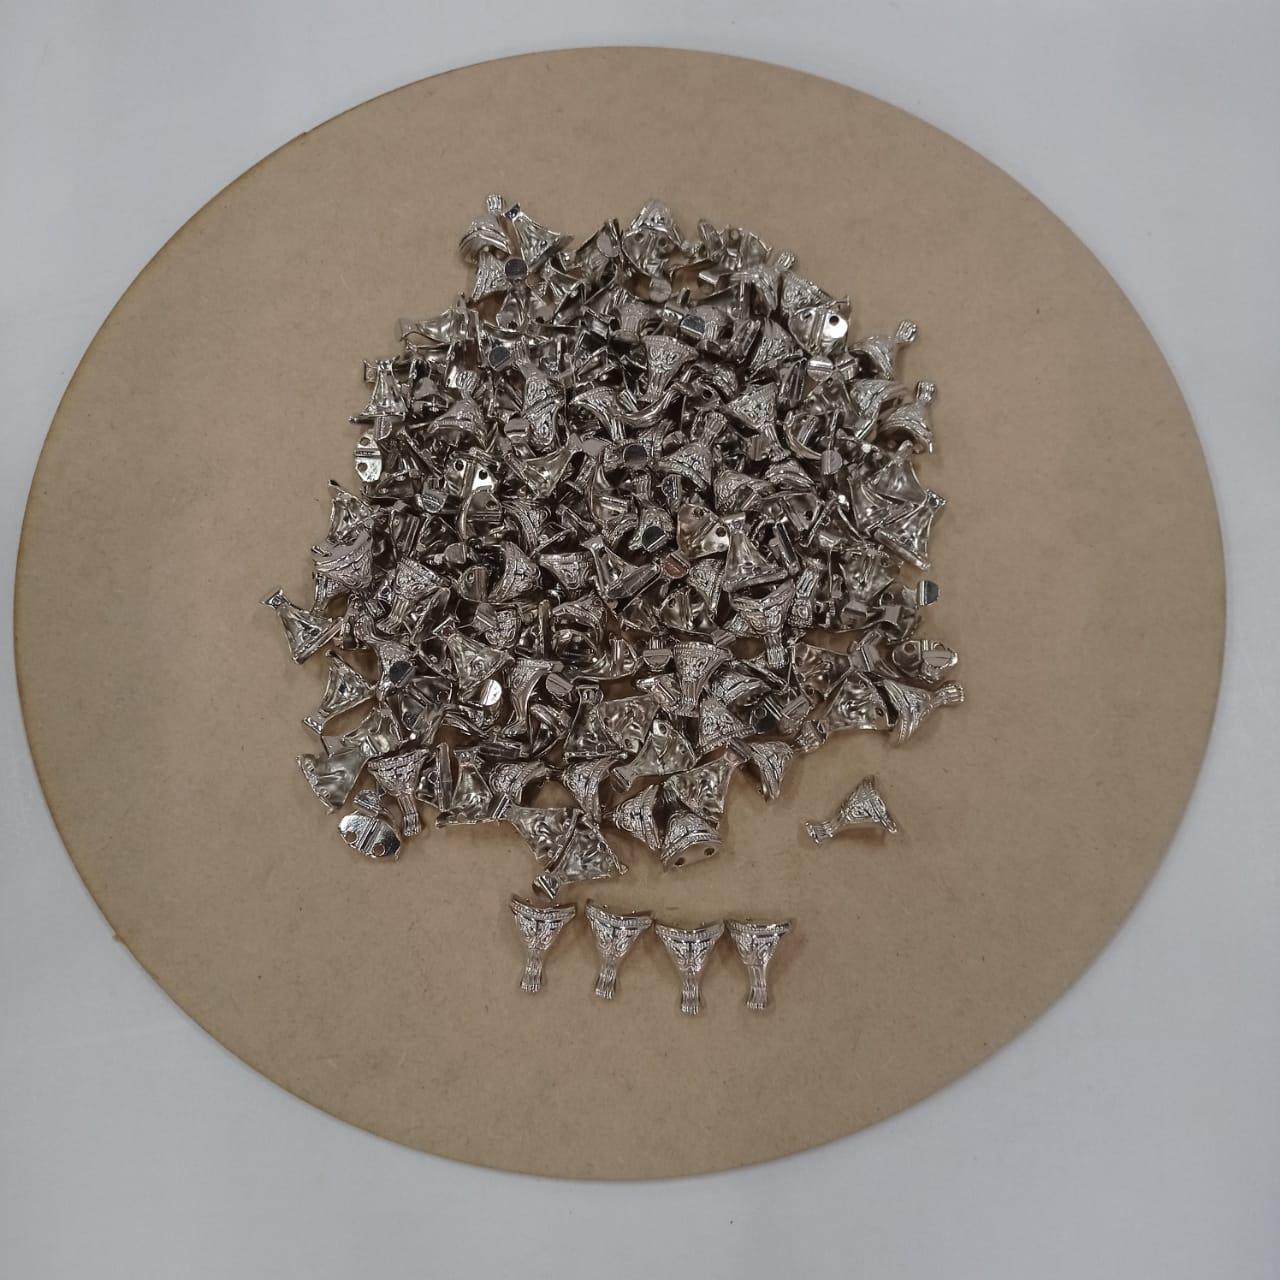 Kit 56 Pezinhos de Metal Tradicional Pequeno  para Caixas em MDF - Niquelado